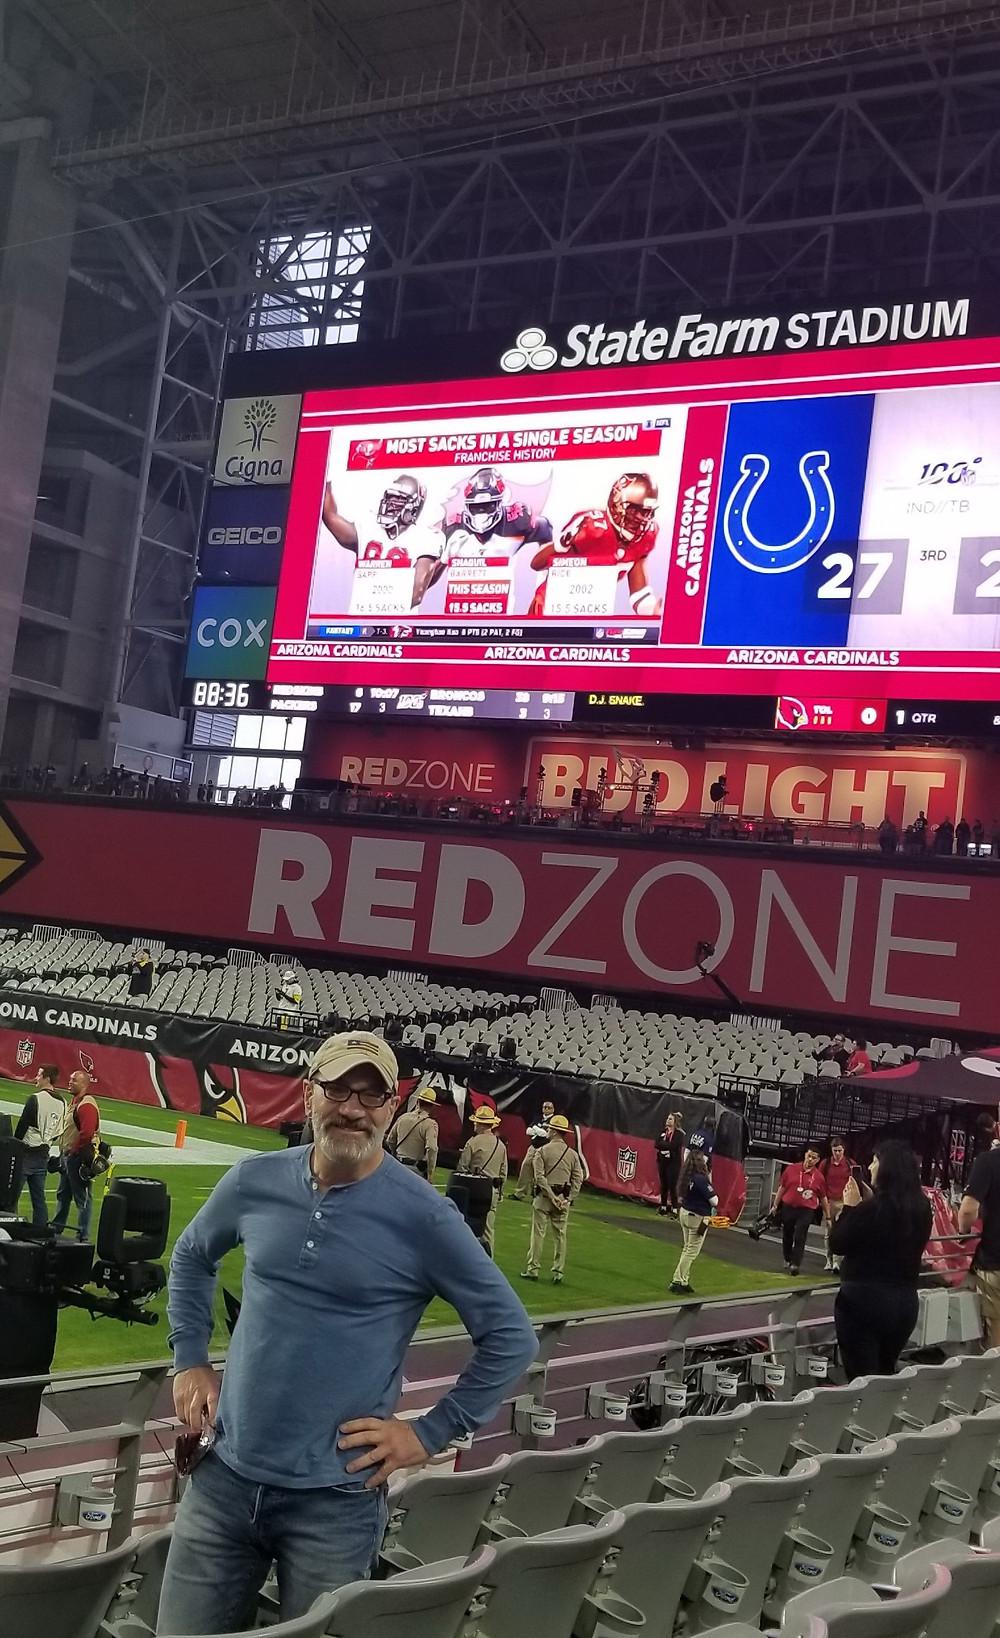 Stadium Review of State Farm Stadium